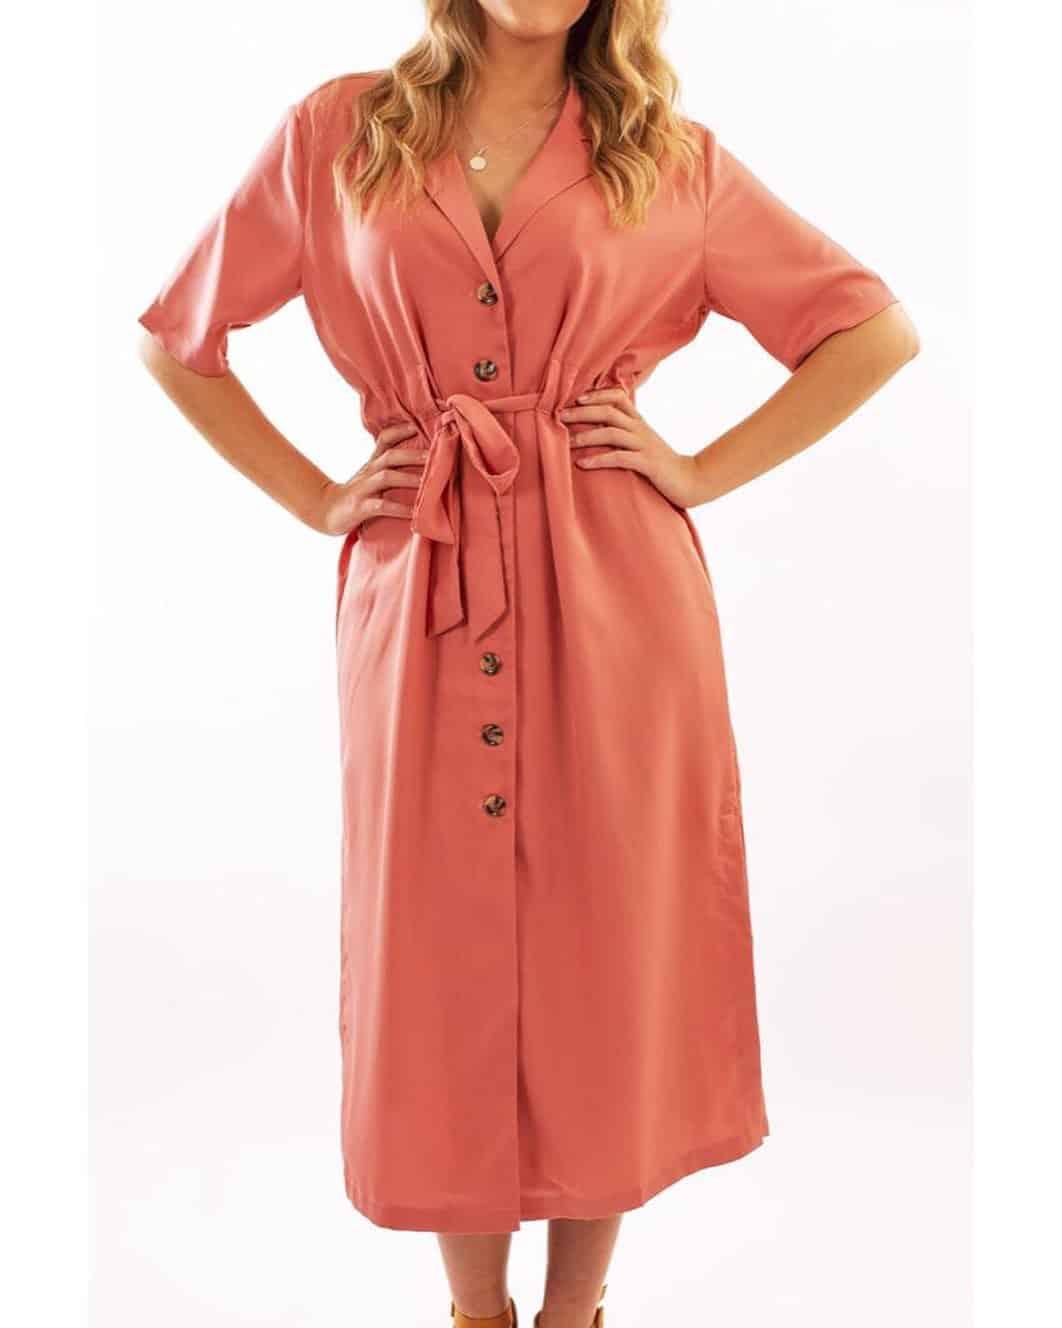 Fall dresses 2020: Button dress